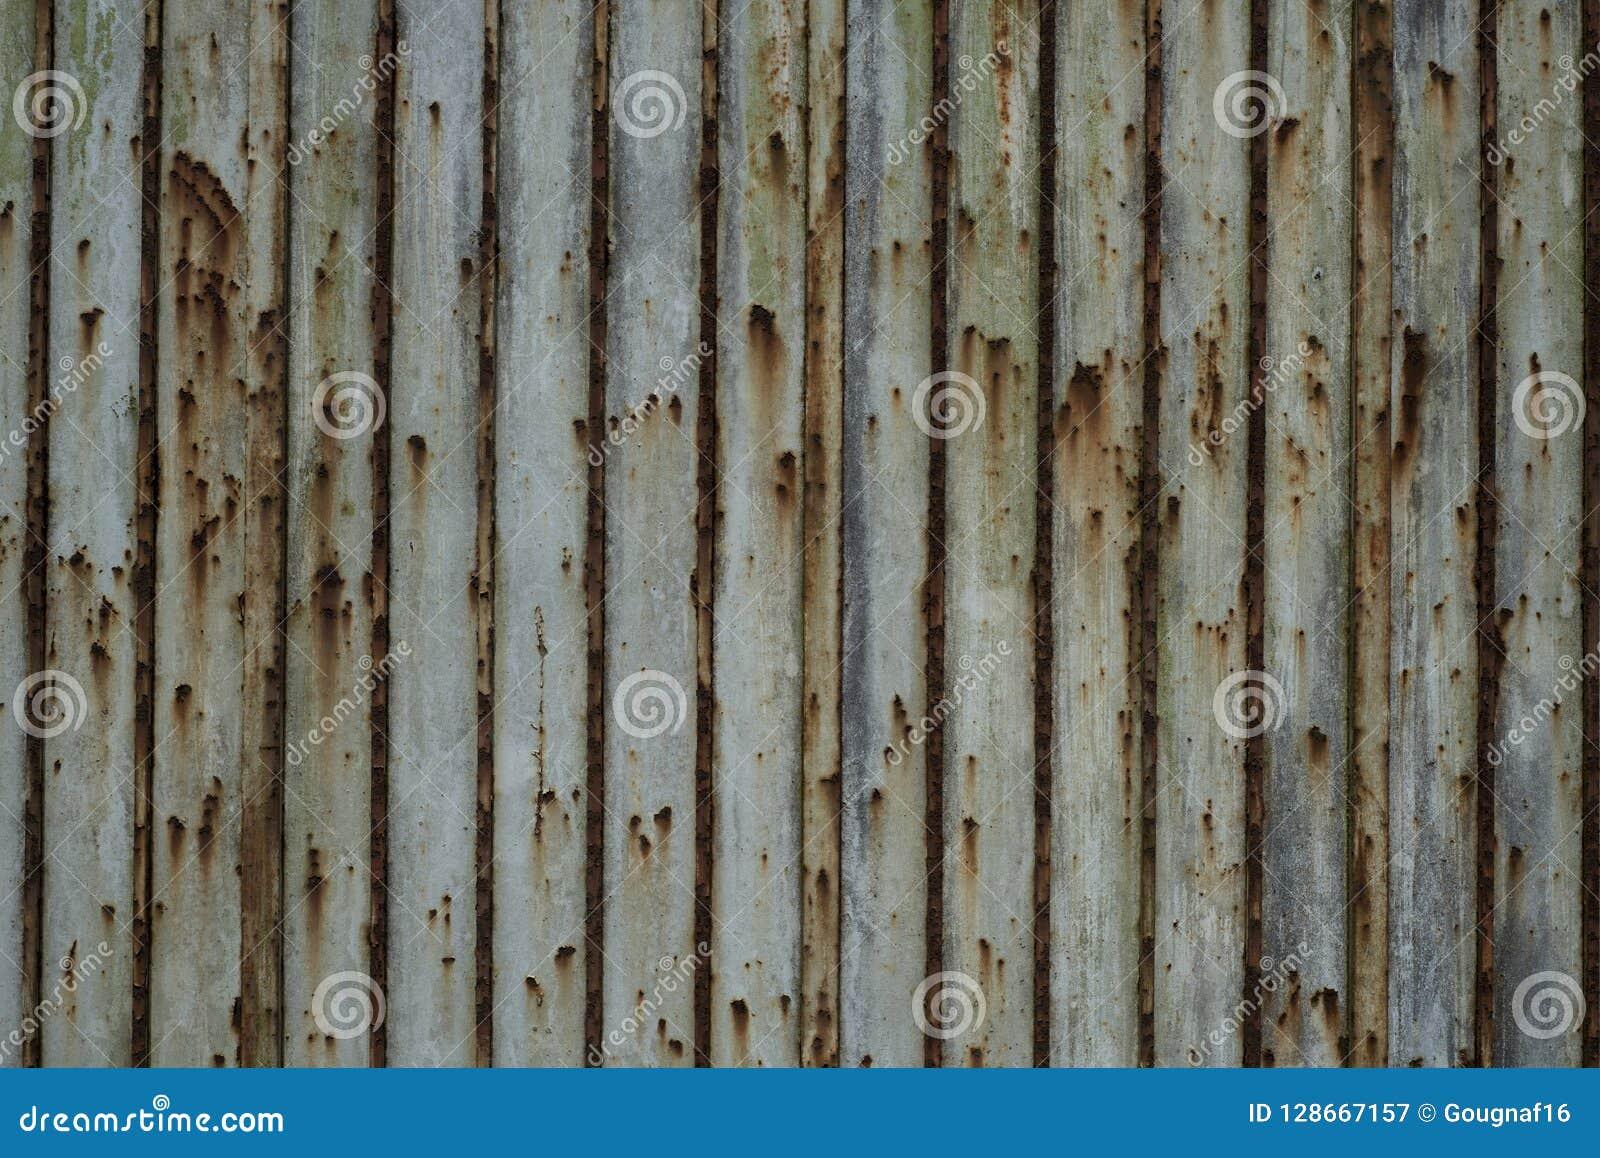 Contexte De Rideau De Fer Rouille Image Stock Image Du Systemes